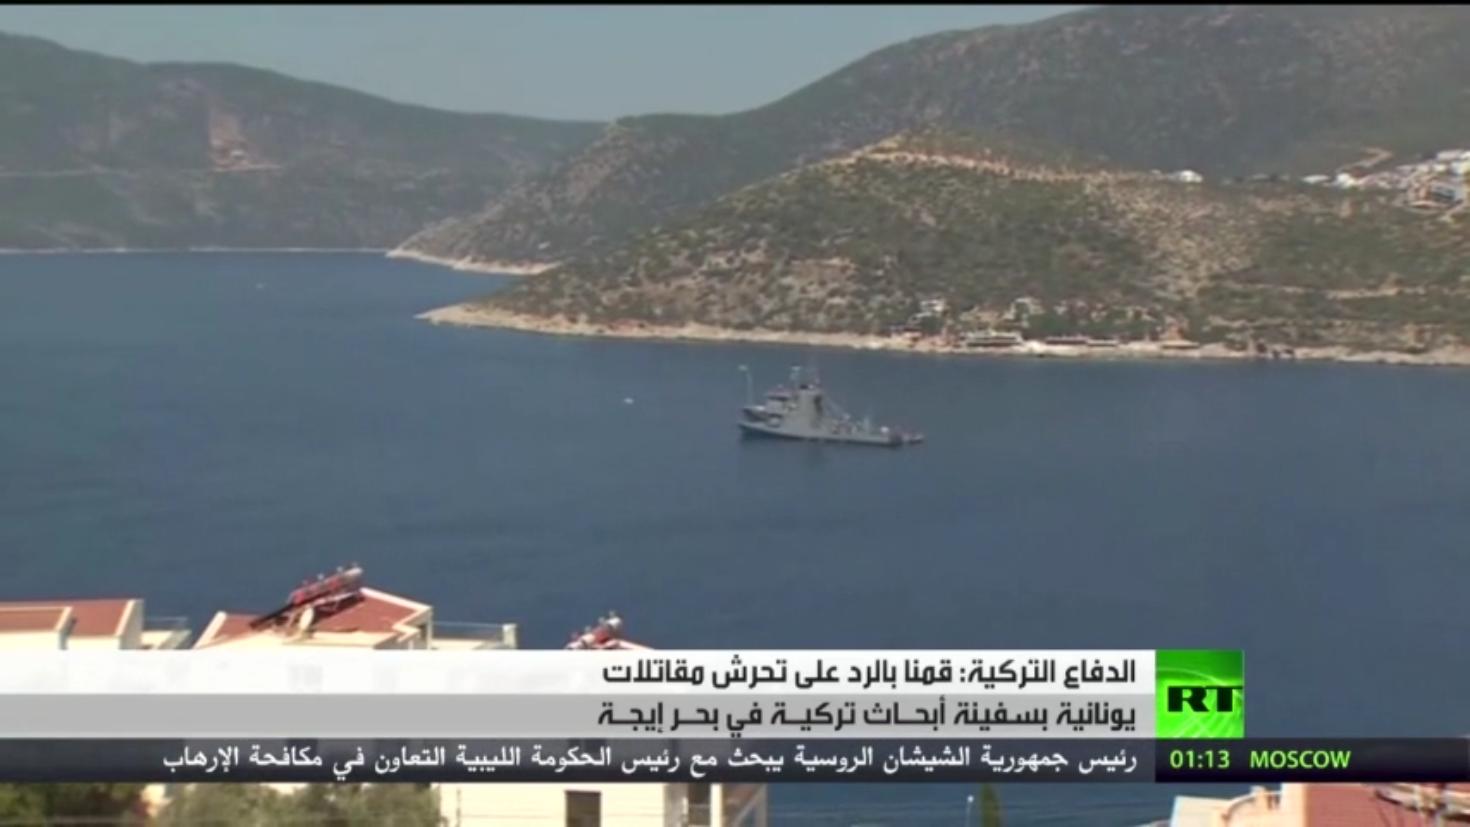 أنقرة: مقاتلات يونانية تحرشت بسفينة تركية